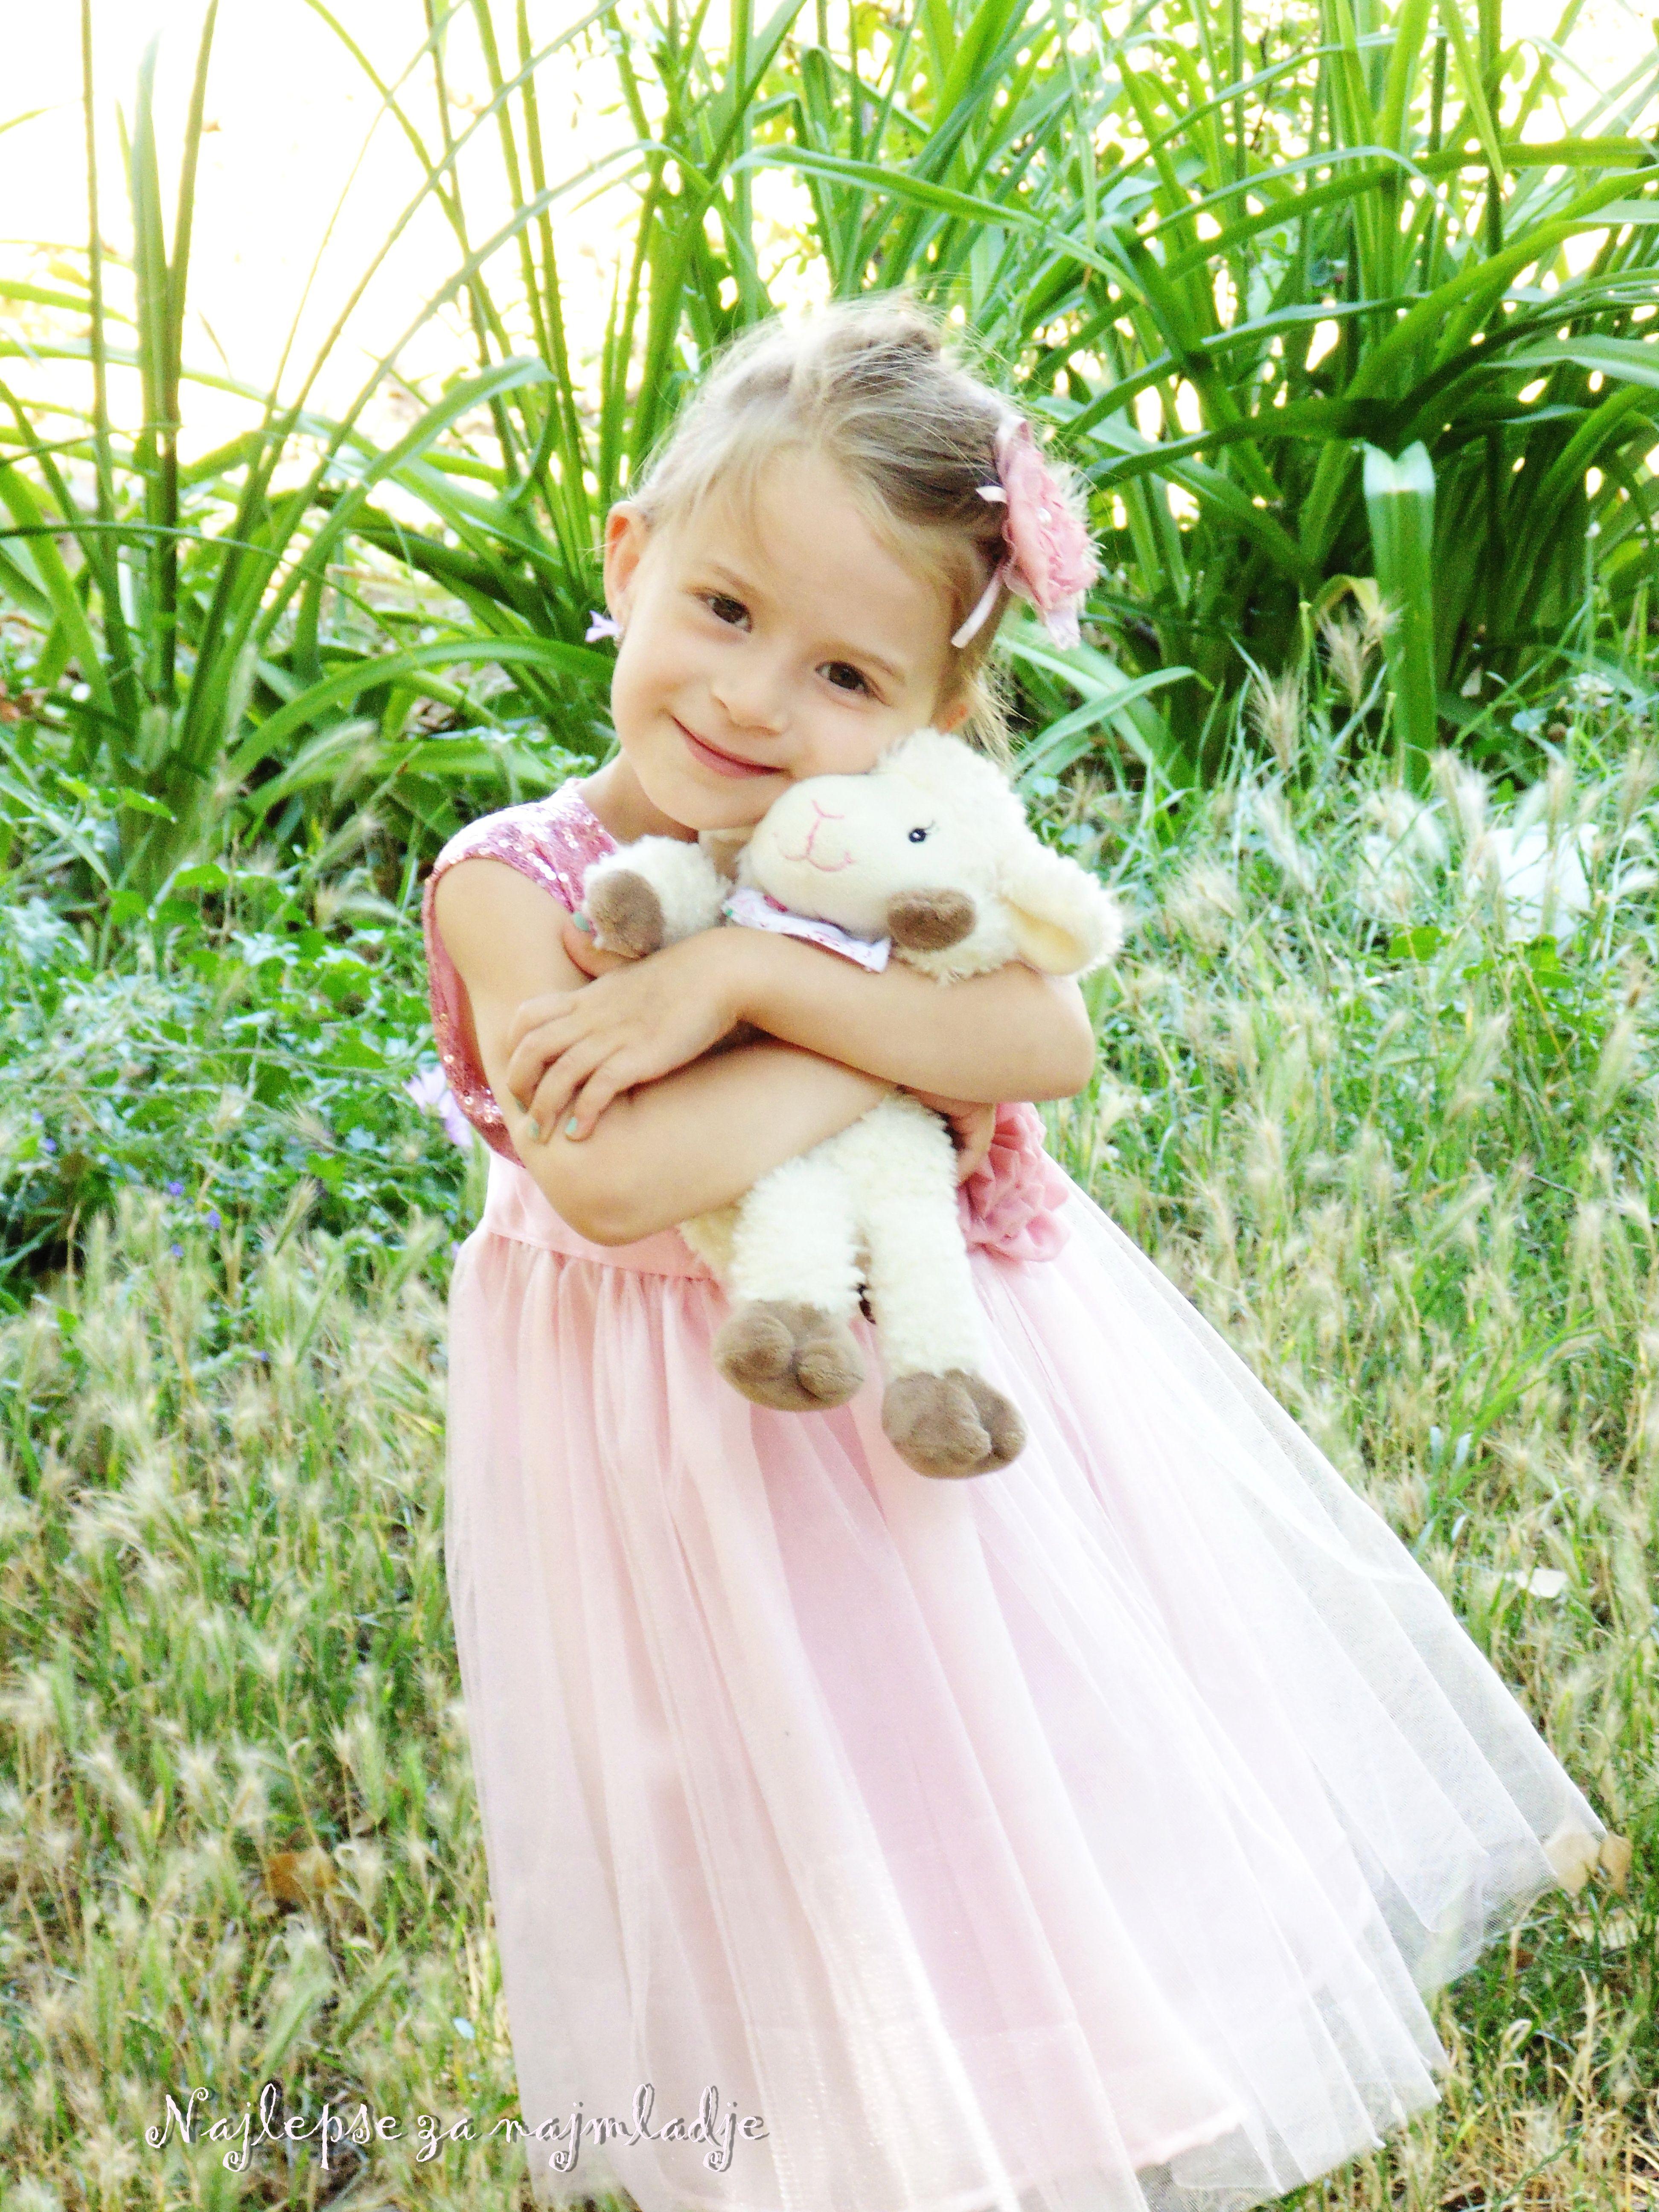 unikatna bebi i decija odeca za svecane prilike ♥made in serbia